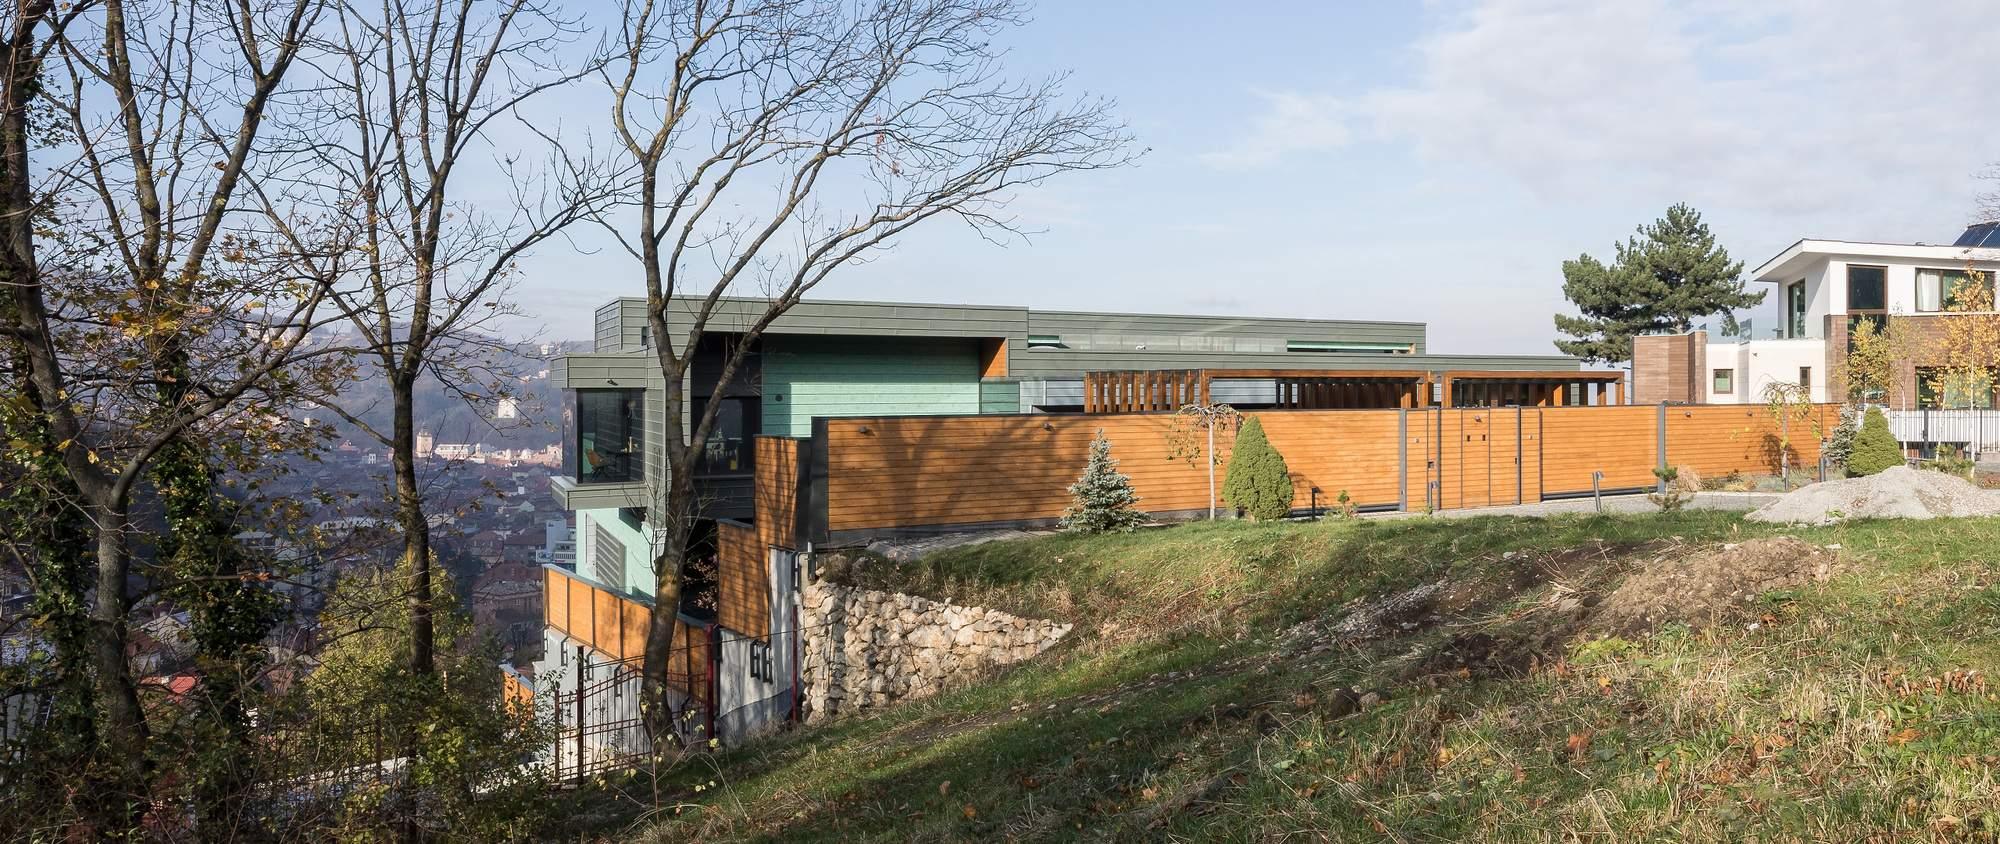 Многоквартирный ступенчатый дом на склоне, Румыния